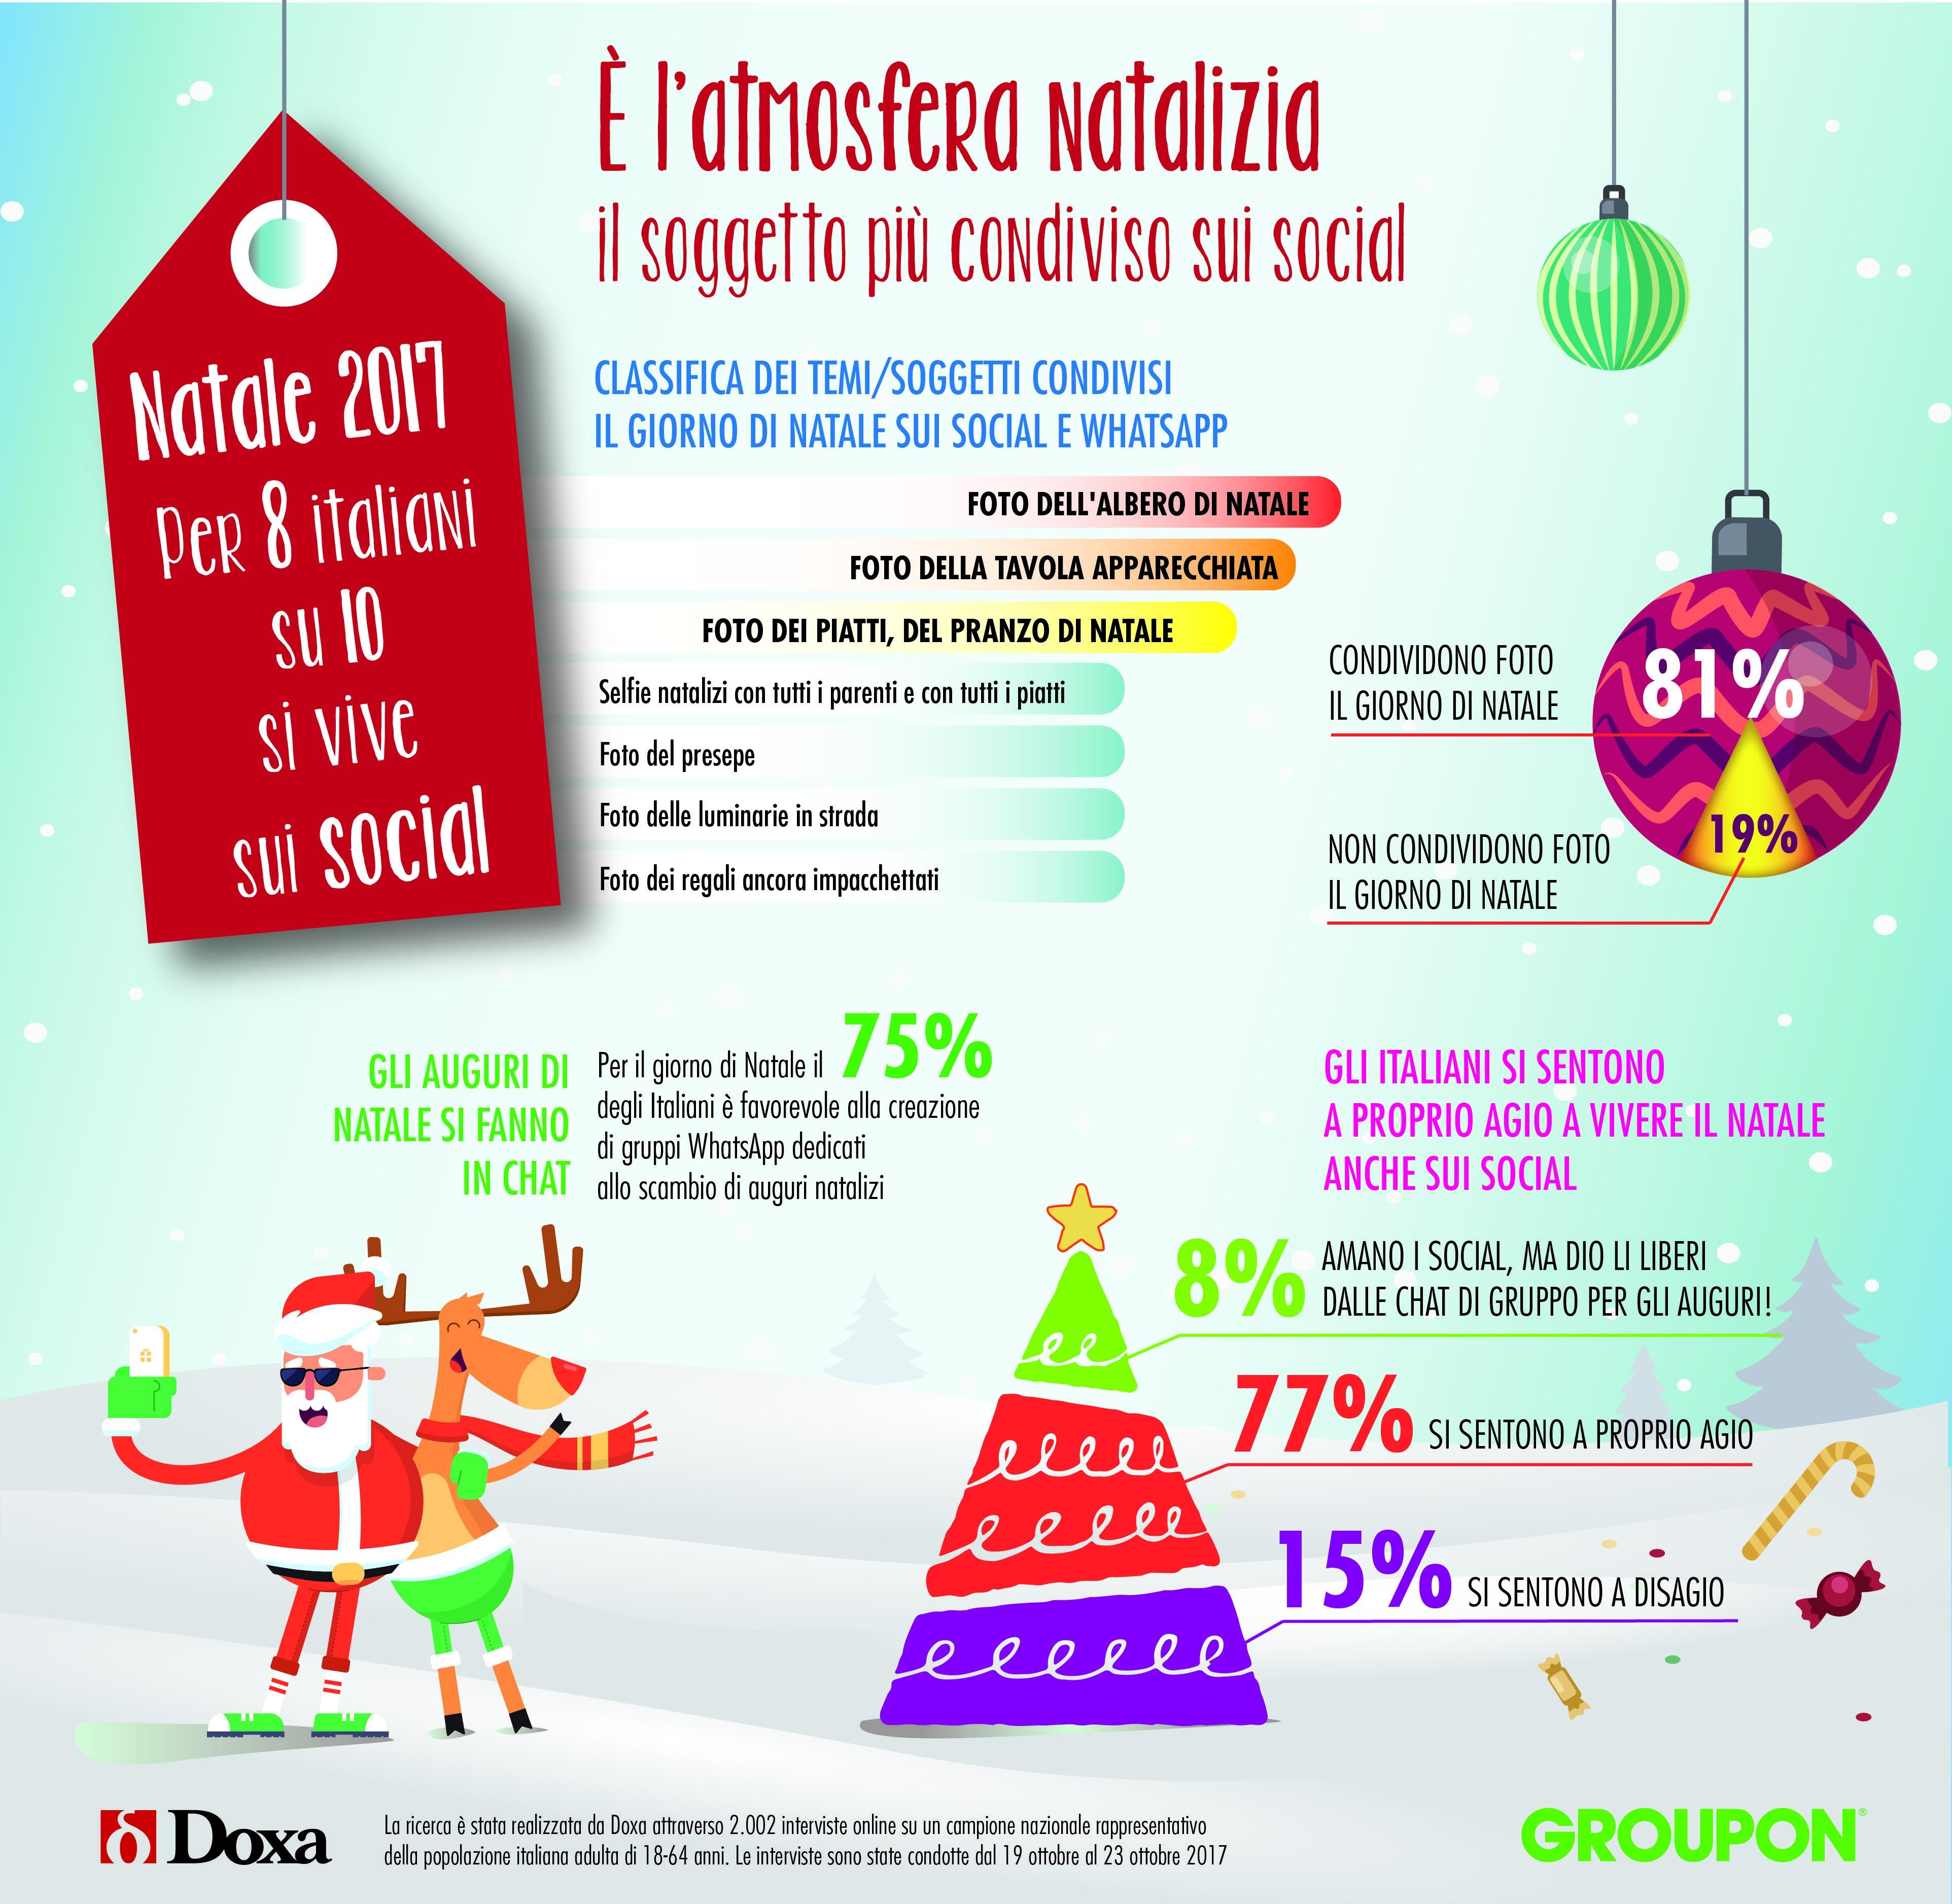 Giorno Di Natale.Natale 2017 Per 8 Italiani Su 10 Si Vivra Sui Social Media